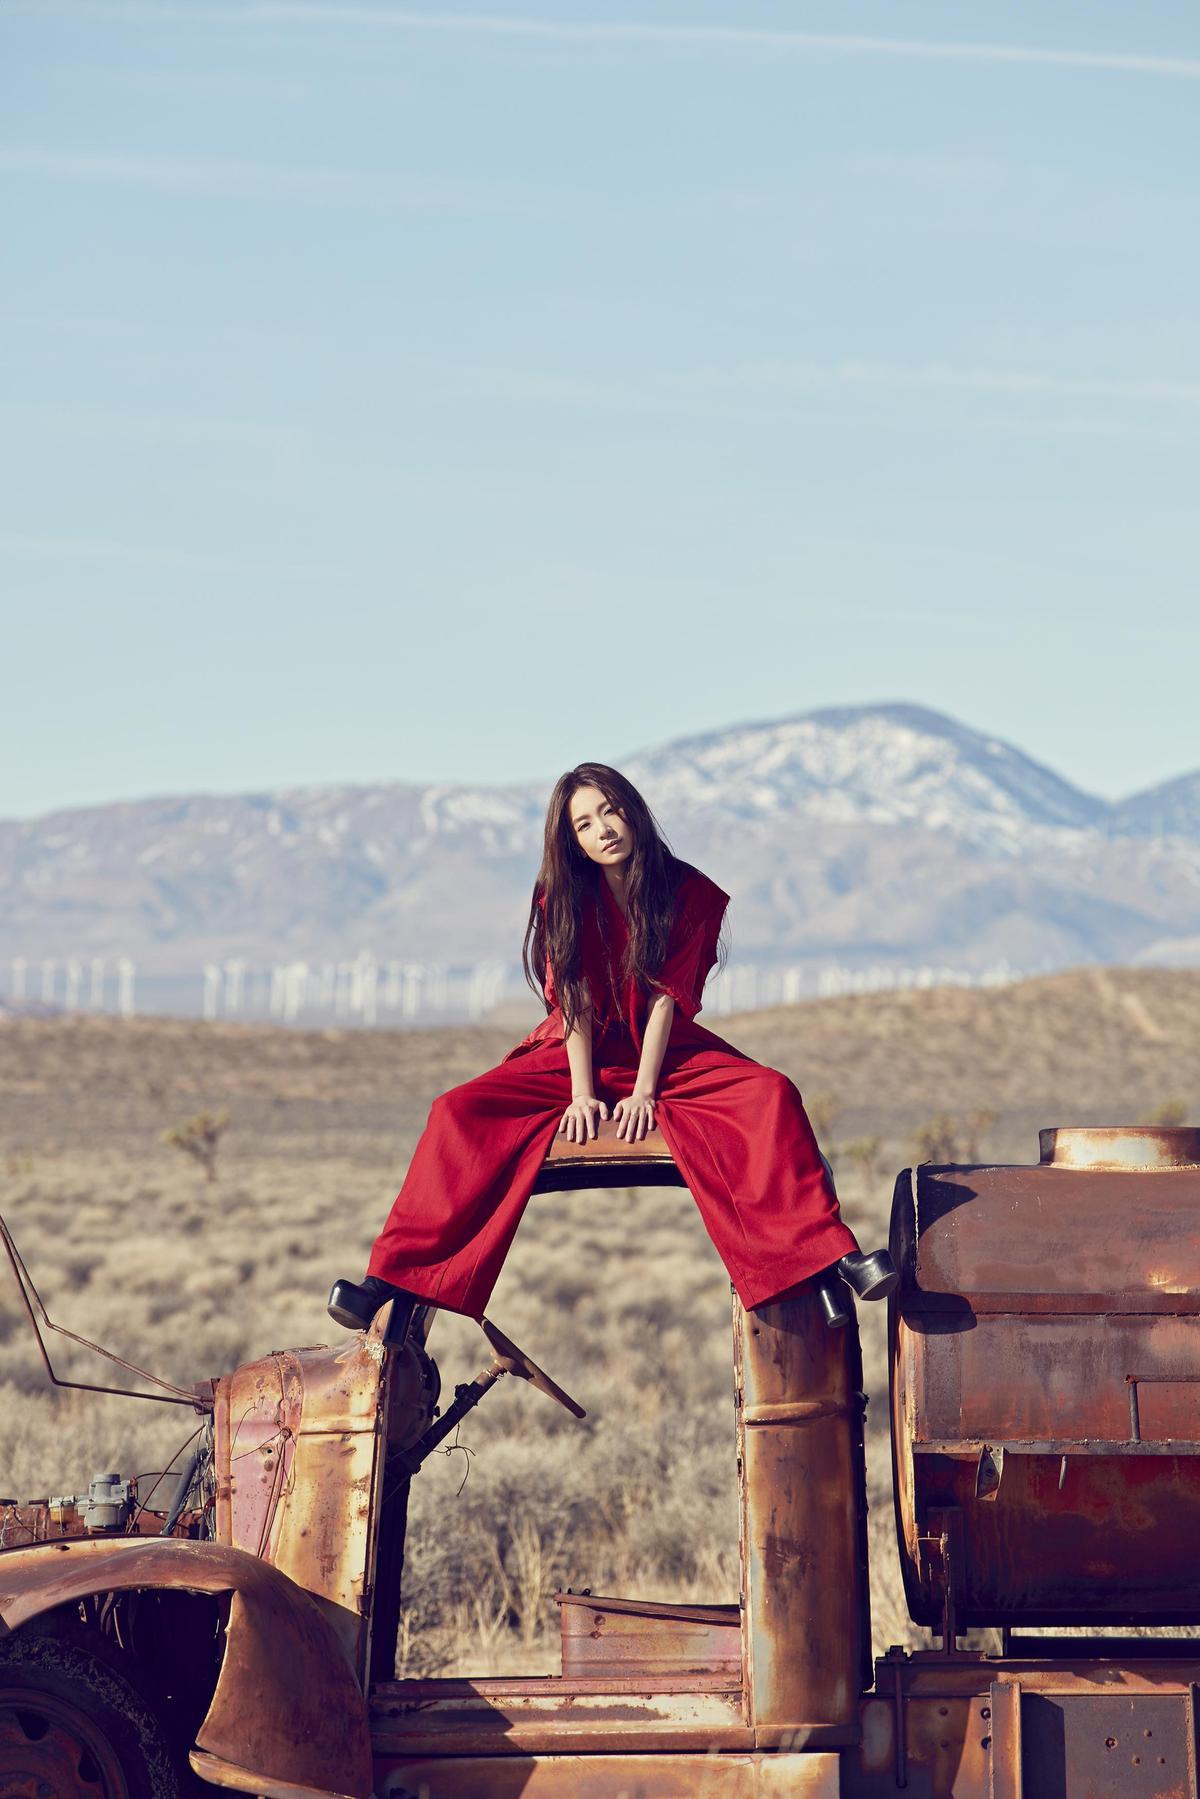 在浩瀚無際的美景中,田馥甄在畫面中隻身獨走穿梭。(何樂音樂提供)